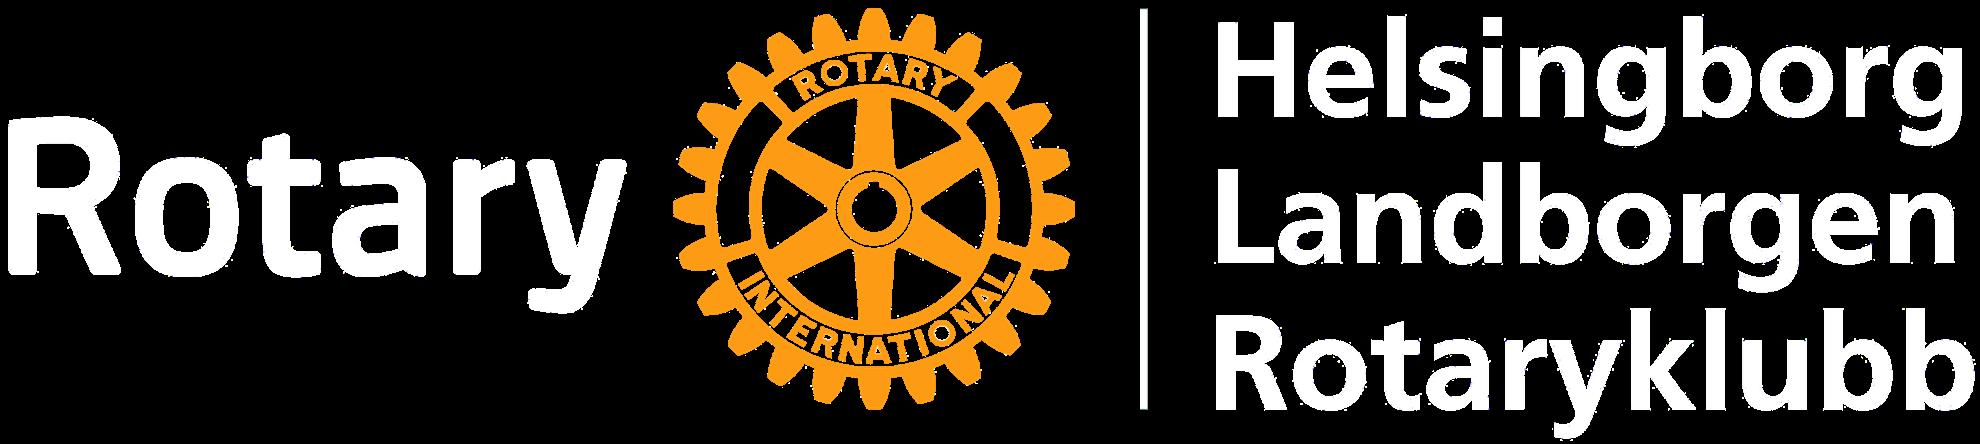 Helsingborg Landborgen logo